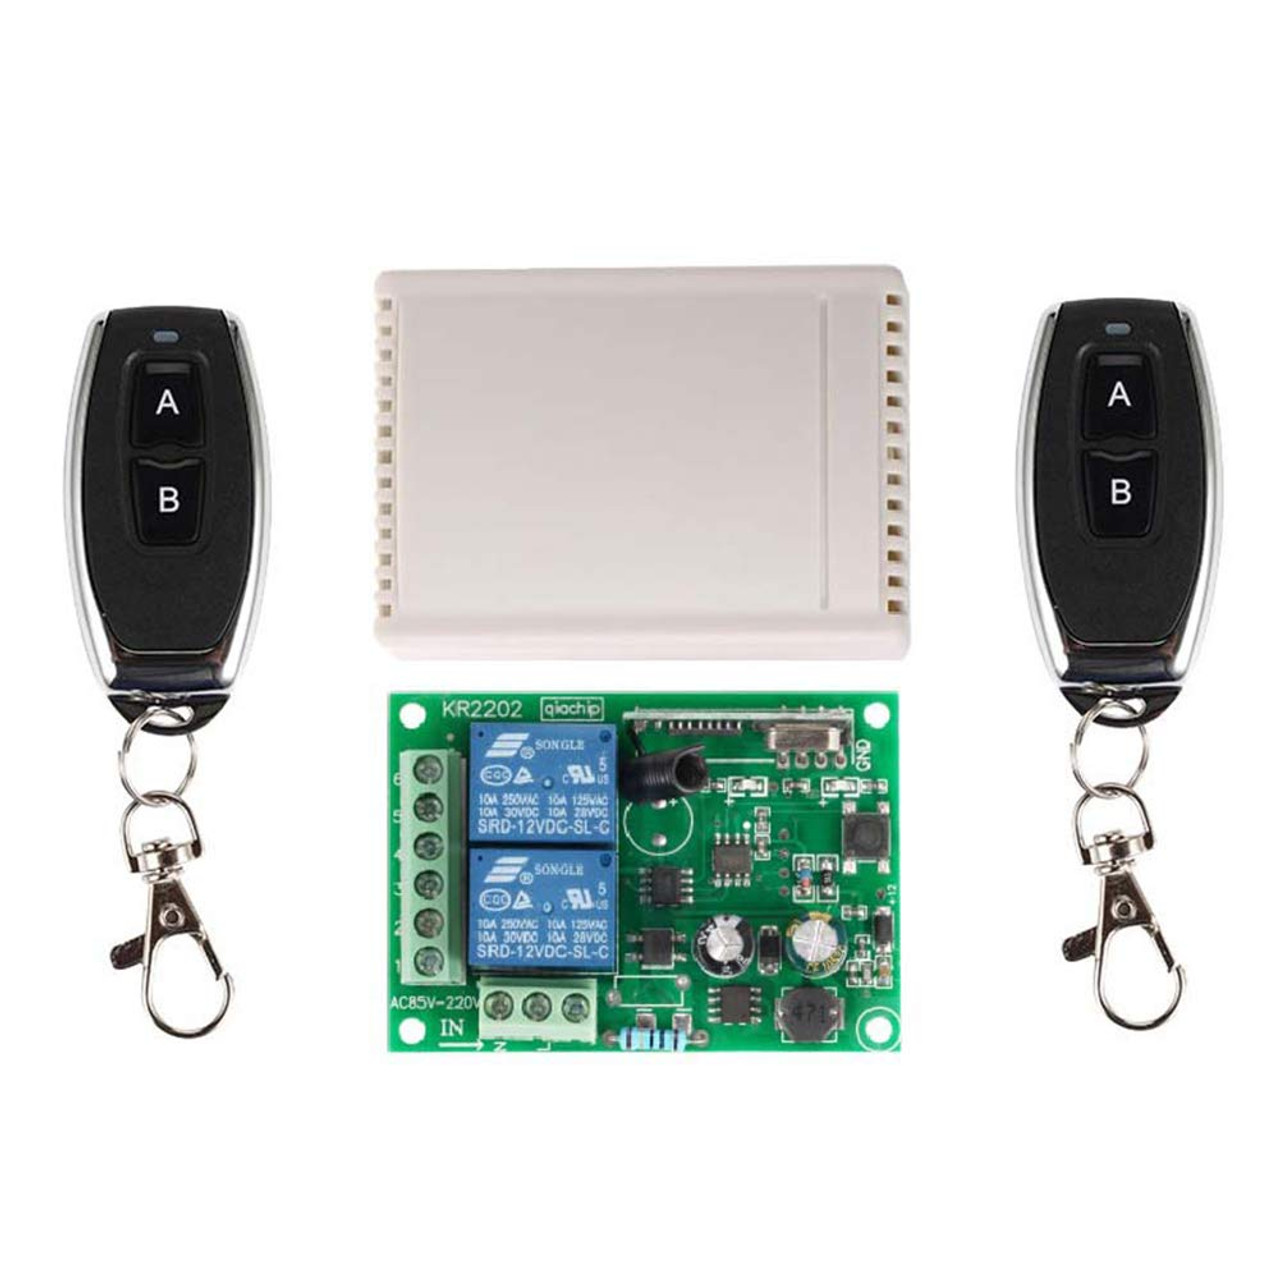 Receiver Module 12V 1-Channel 433M 1-Button 15-1000m Remote Control Switch